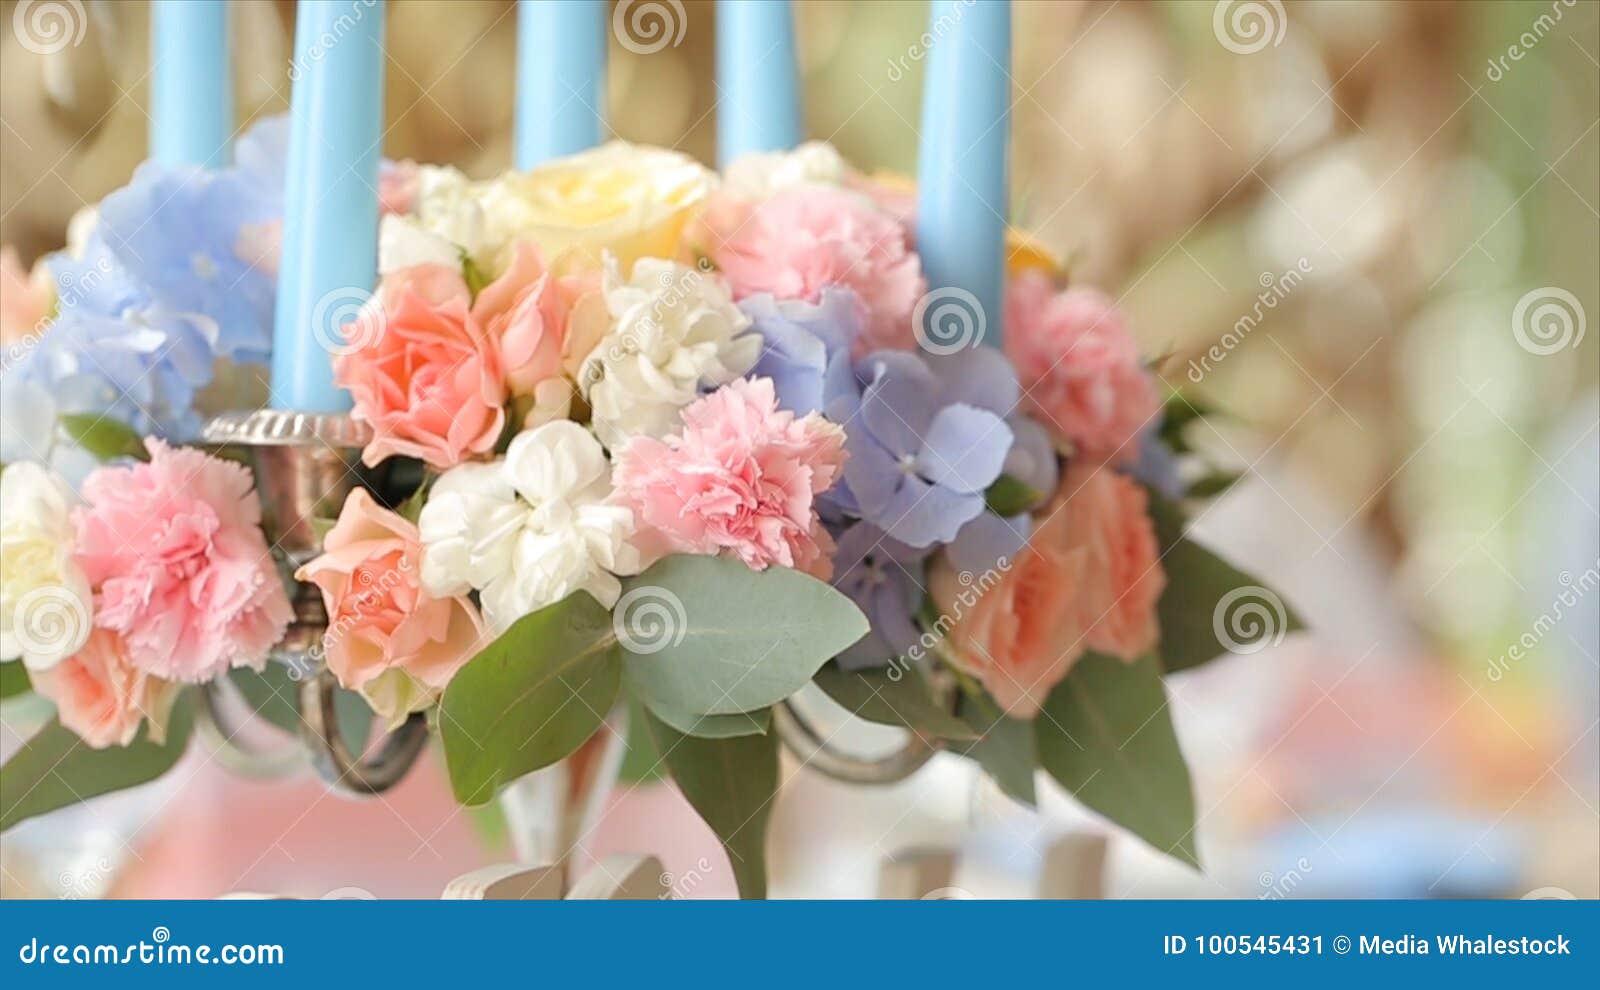 白色婚礼标志婚礼和家庭停留在桌上 词婚礼当在礼仪装饰的标志照明设备